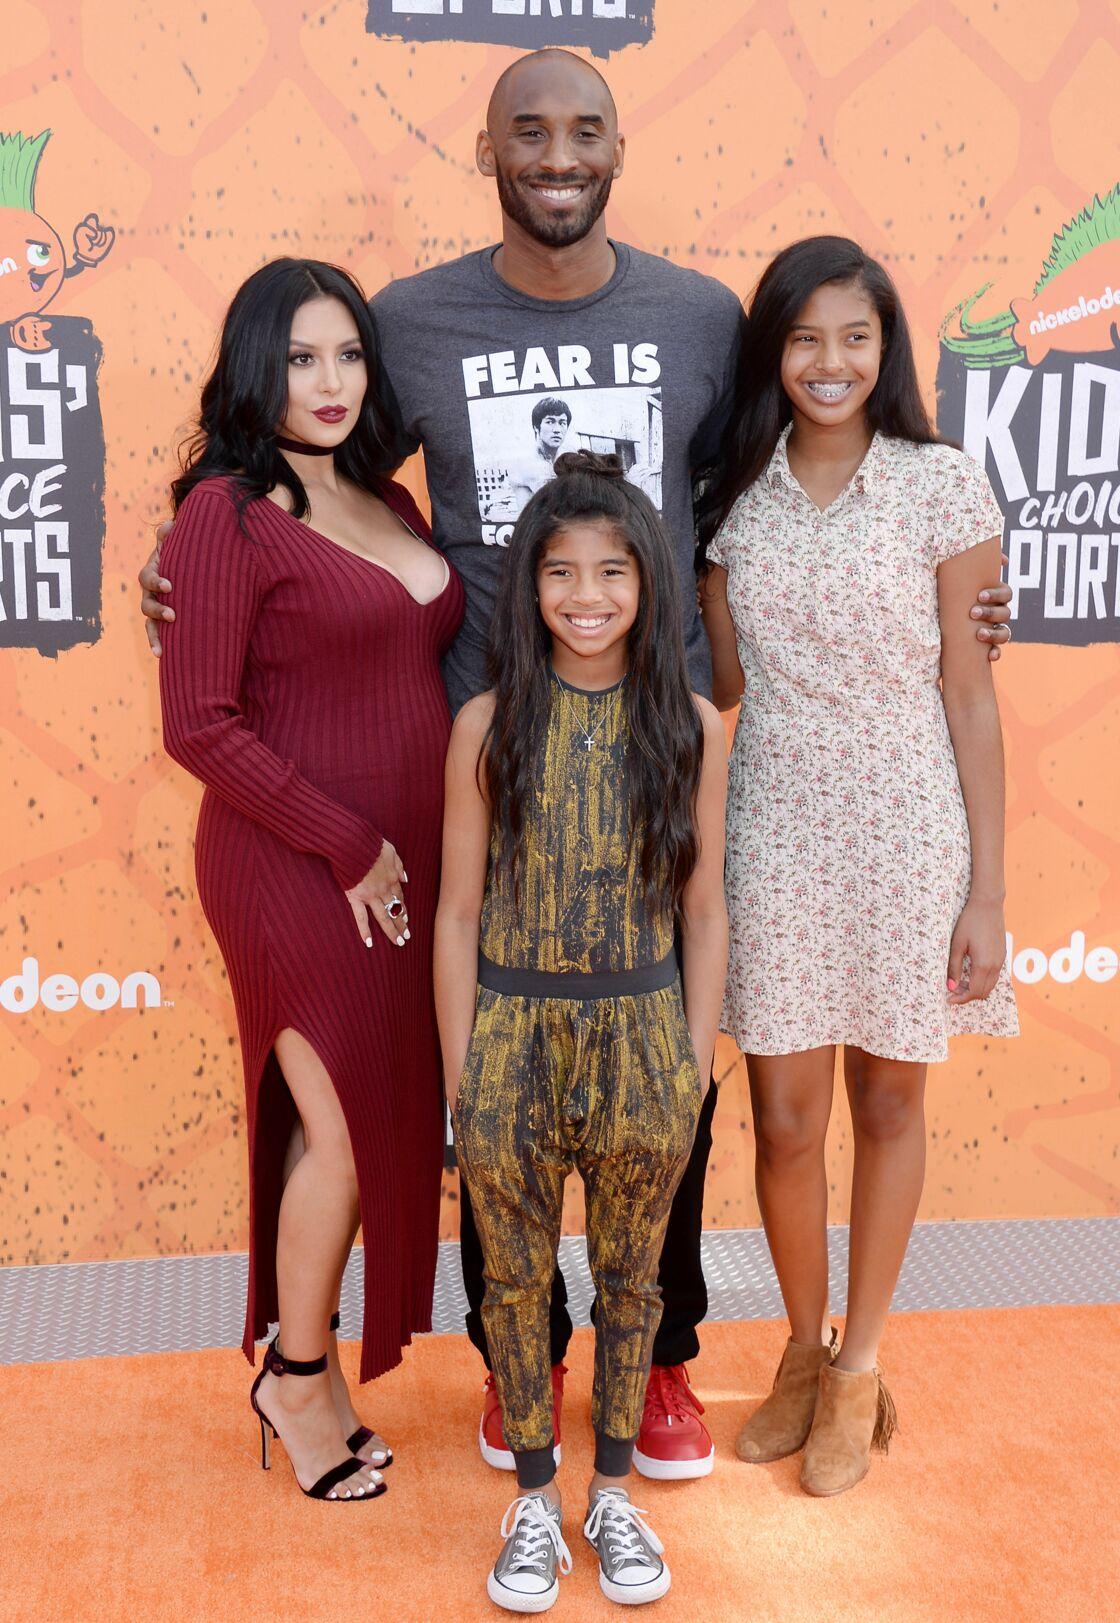 Kobe Bryant et sa femme Vanessa, entourés de leurs filles Natalia et Gianna